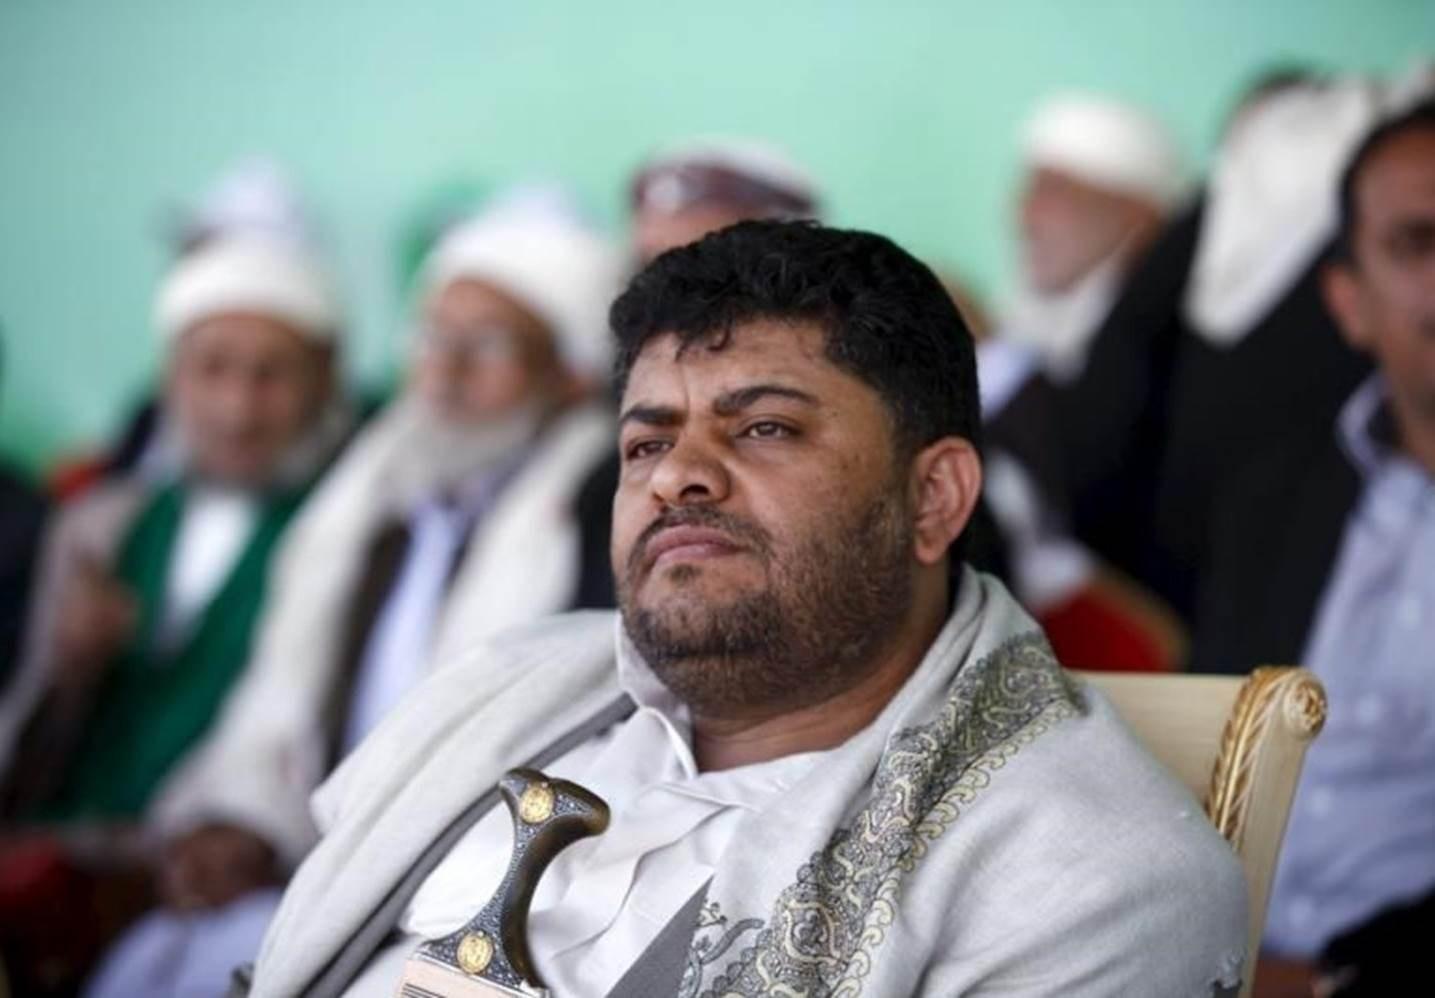 الحوثي: العدوان يمنع وصول الأدوية الخاصة بكورونا